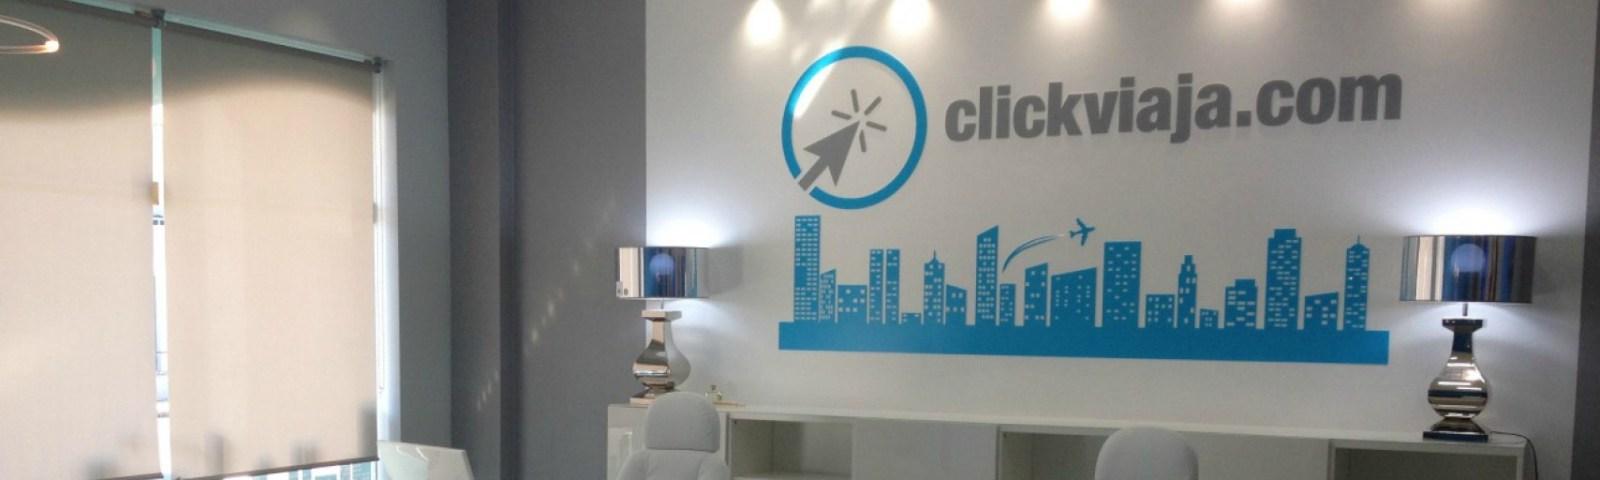 Clickviaja.com abre unidade na Maia